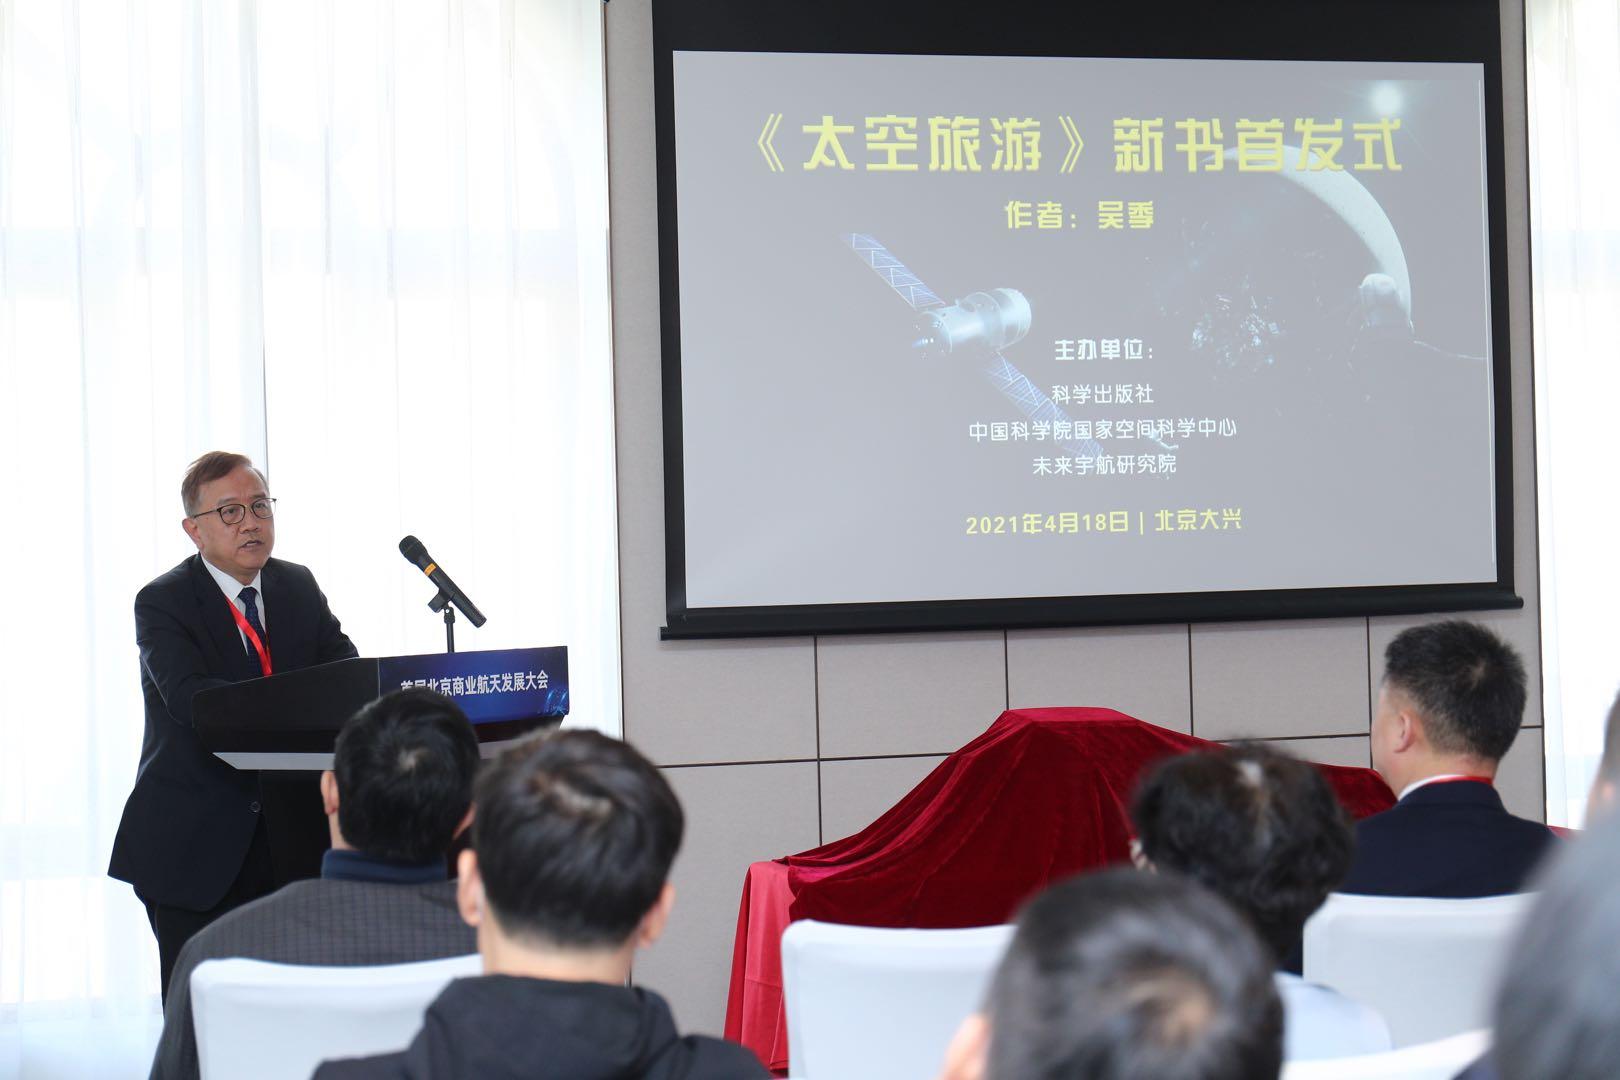 我国首部关于太空旅游著作在京首发-出版人杂志官网